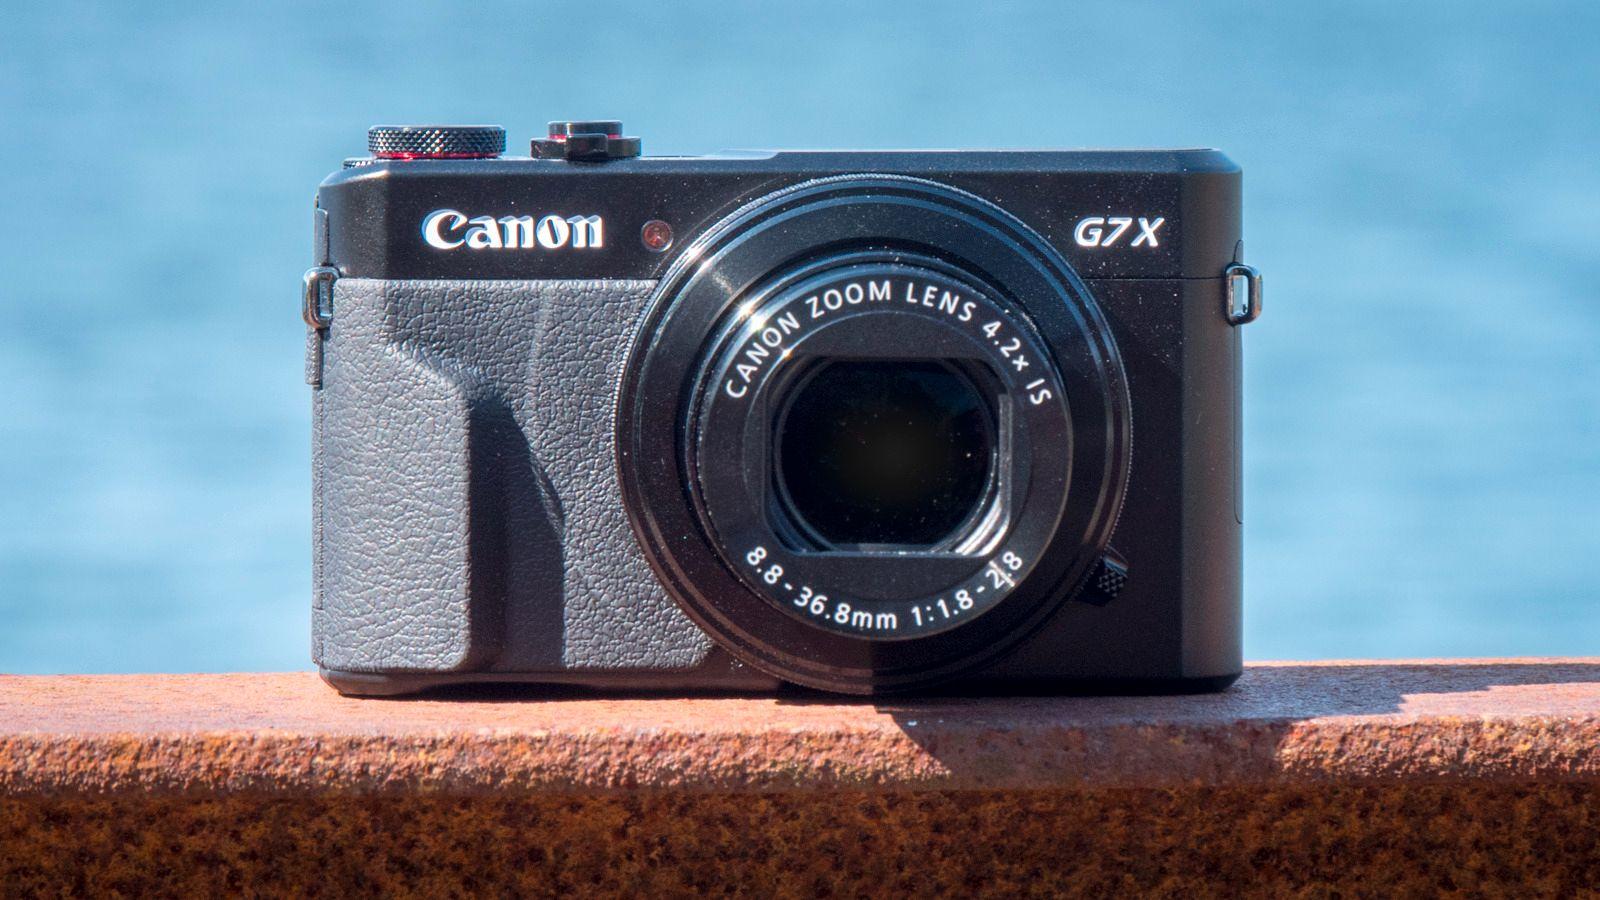 Canon G7 X Mark II. Flere bilder av kameraet under tabellen.